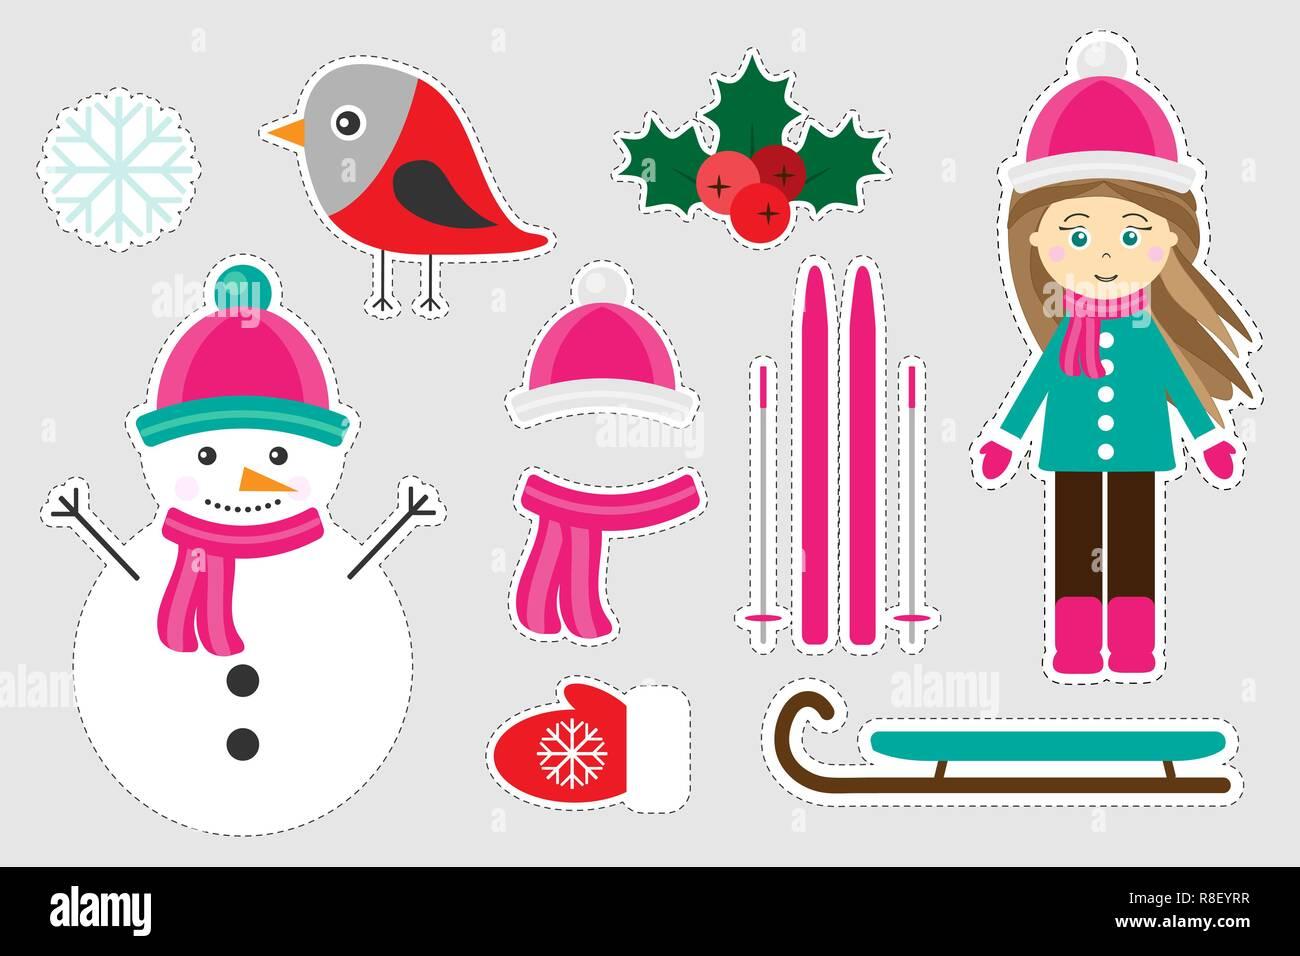 Immagini Di Natale Per Bambini Colorate.Colorate Differenti Inverno Foto Di Natale Per I Bambini